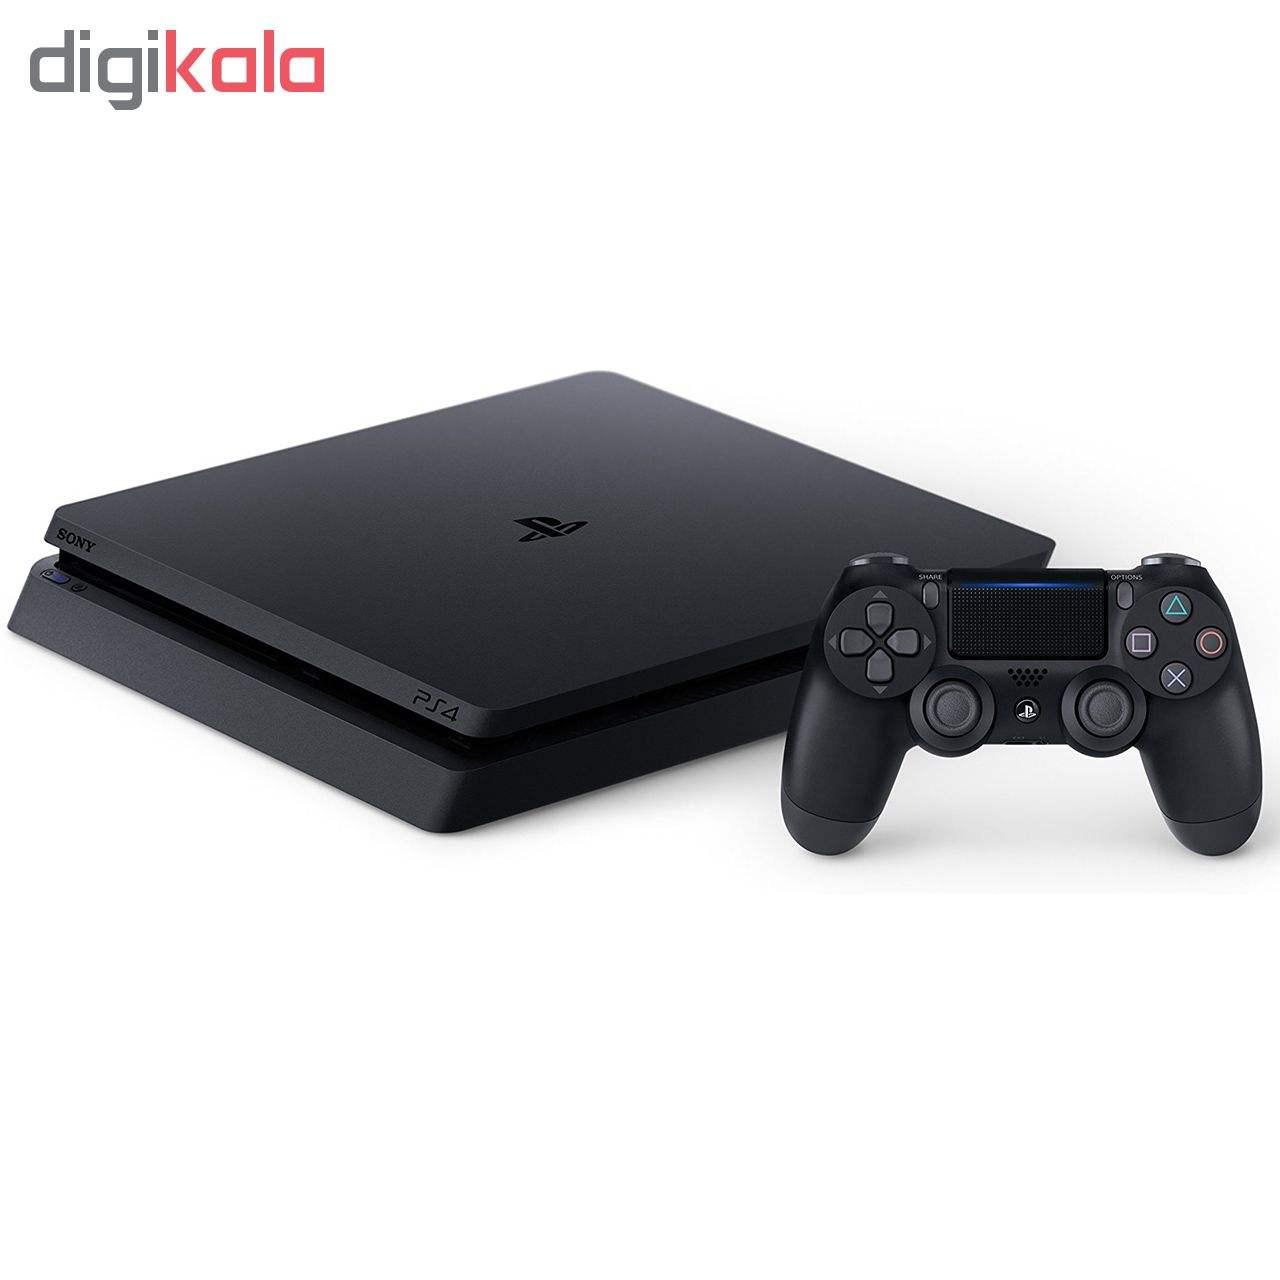 کنسول بازی سونی مدل Playstation 4 Slim کد Region 2 CUH-2216A - ظرفیت 500 گیگابایت main 1 2